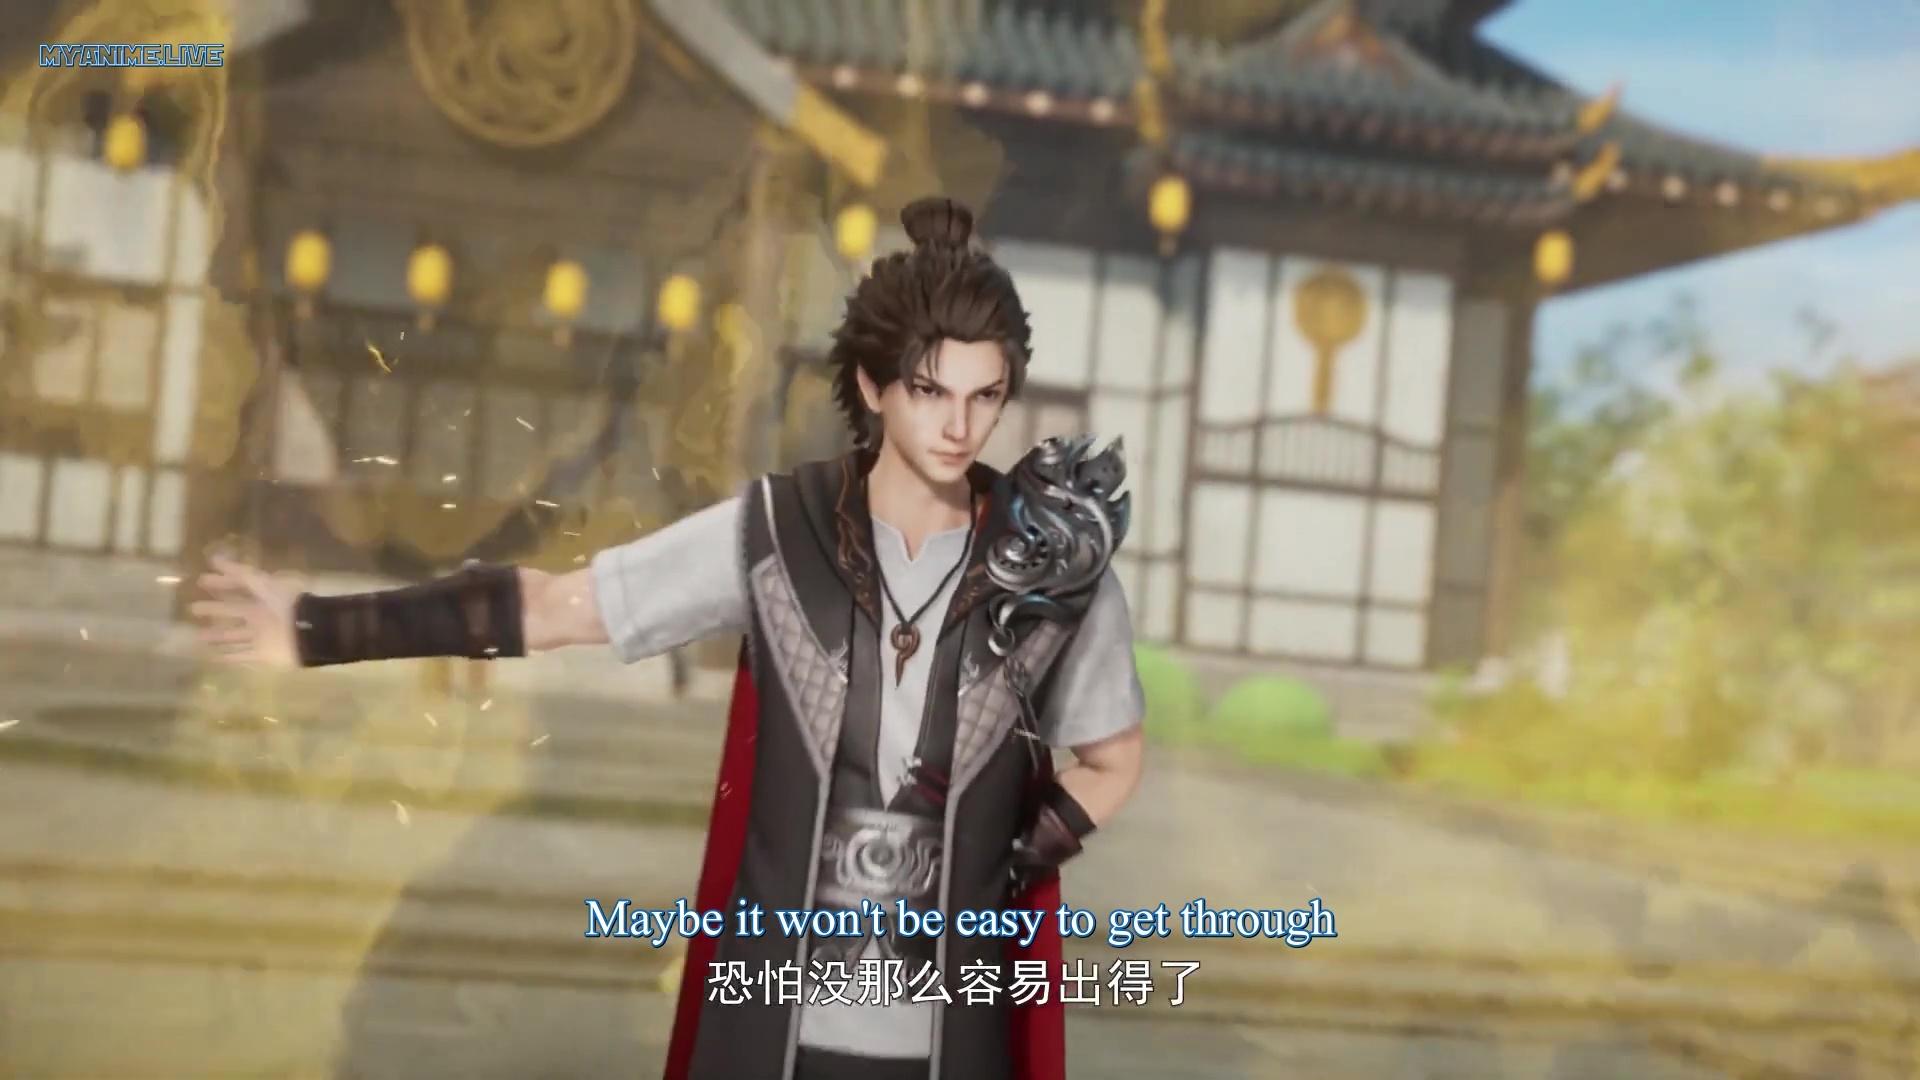 Wan Jie Shen Zhu - Lord of The Universe episode 146 english sub